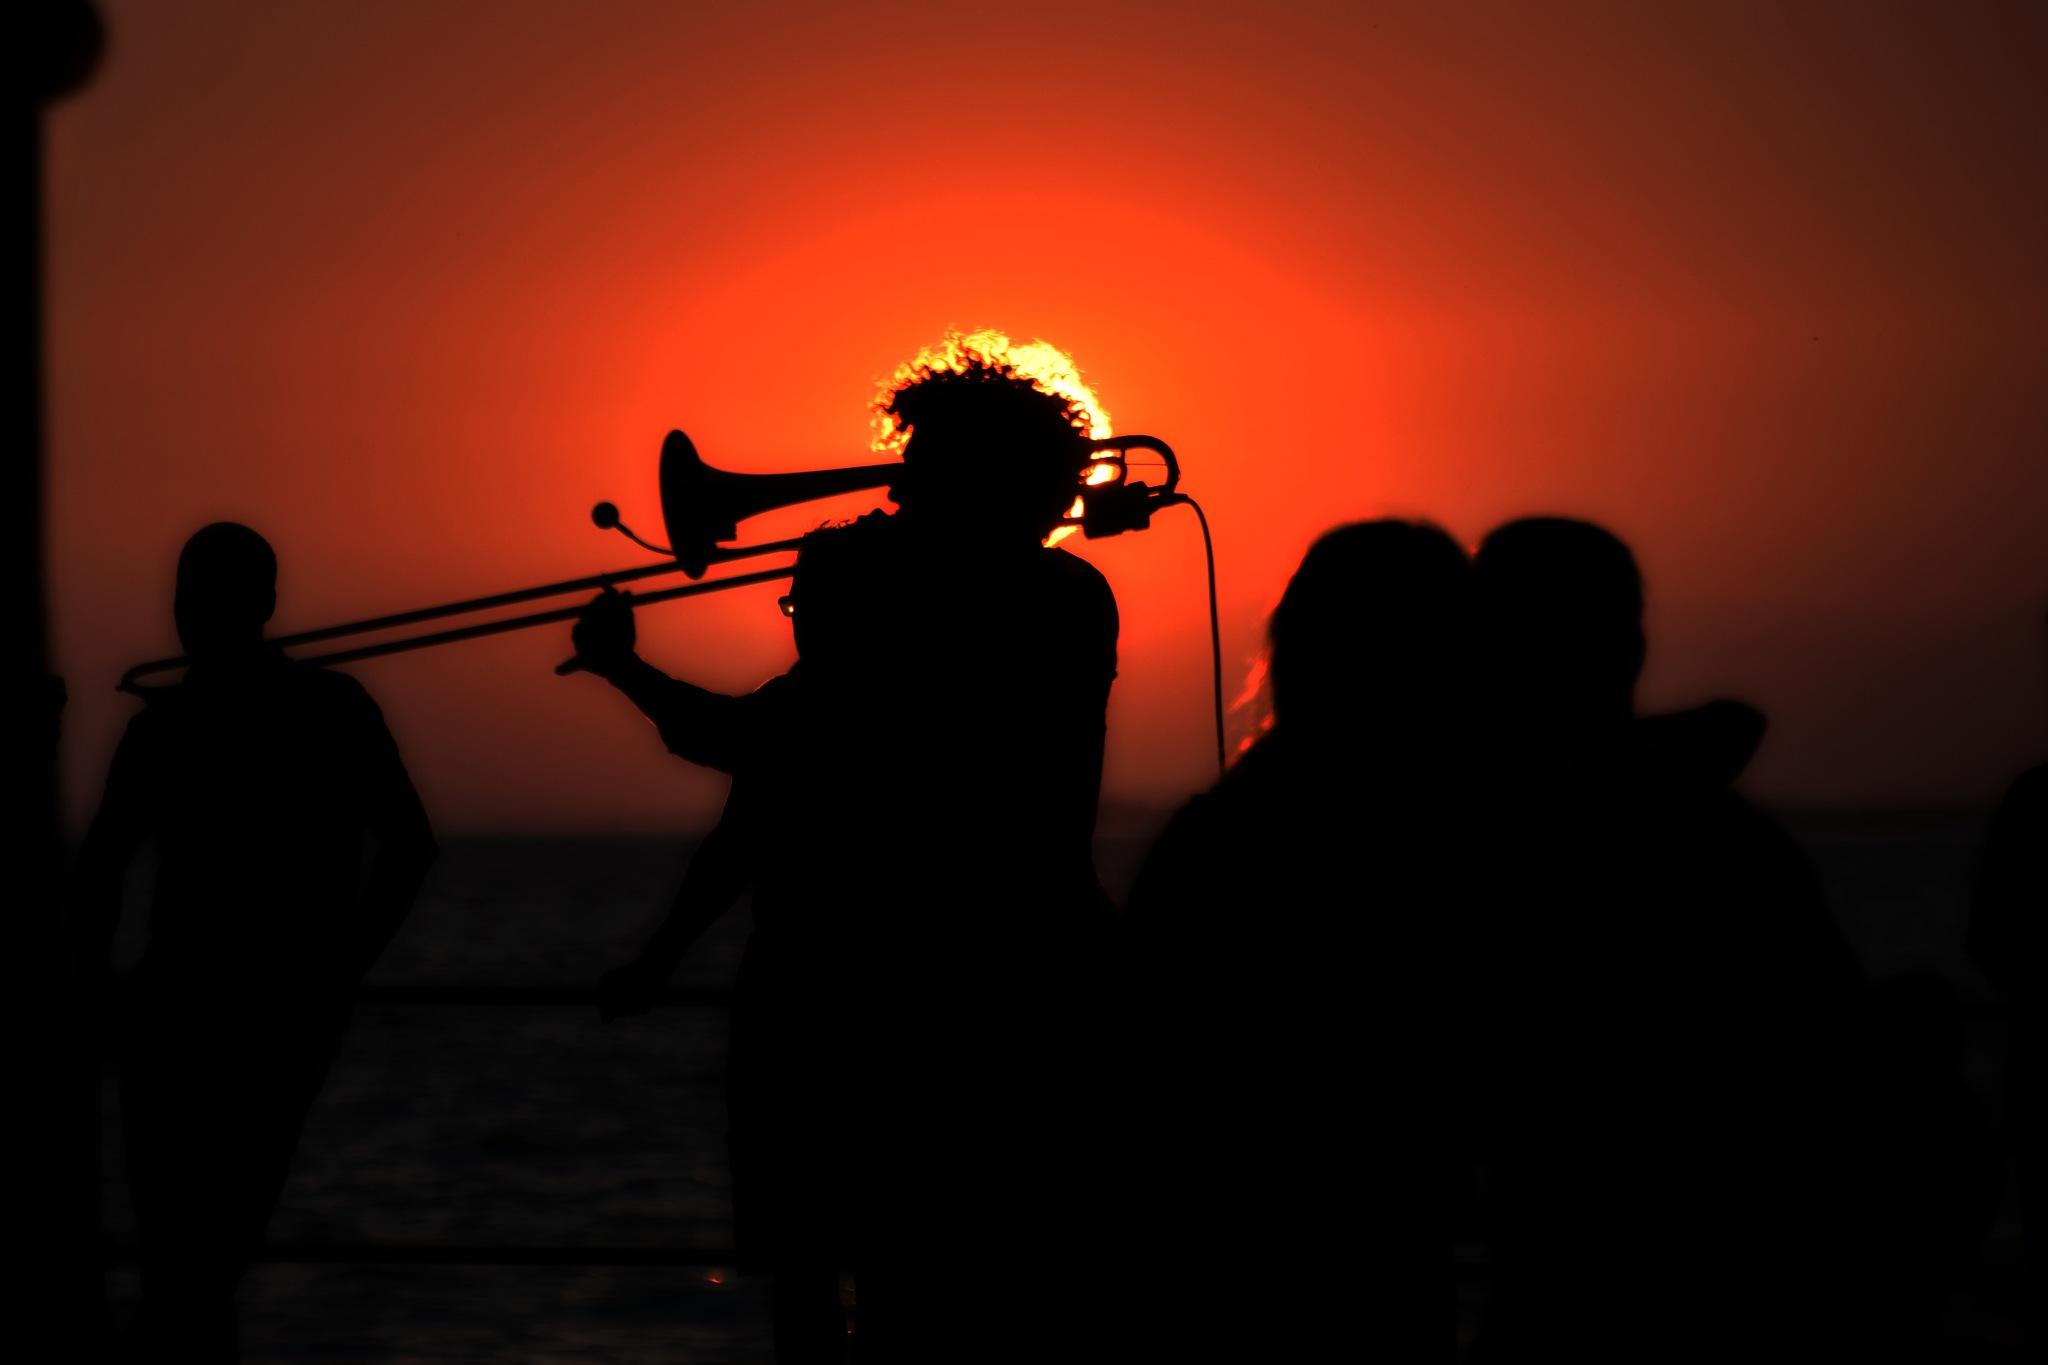 Trumpet man by chrisbitschnau